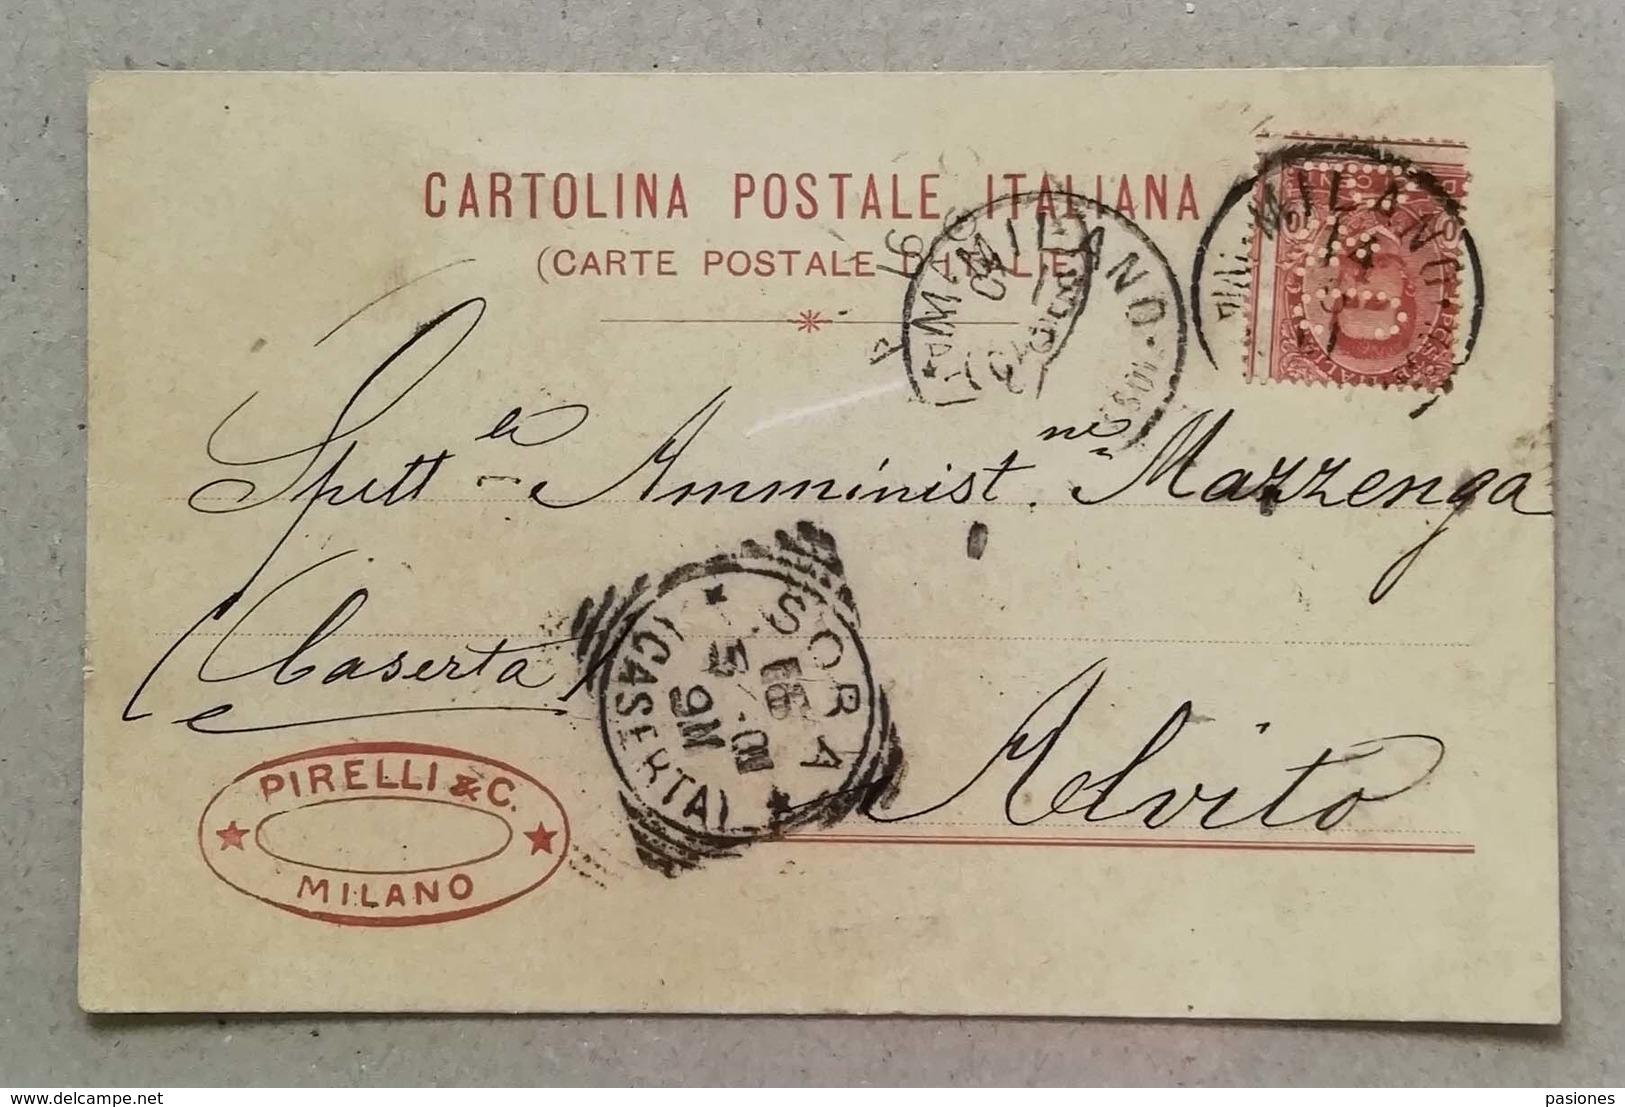 Perfin - Cartolina Postale Pirelli & C. Milano - 1901 - Marcofilía